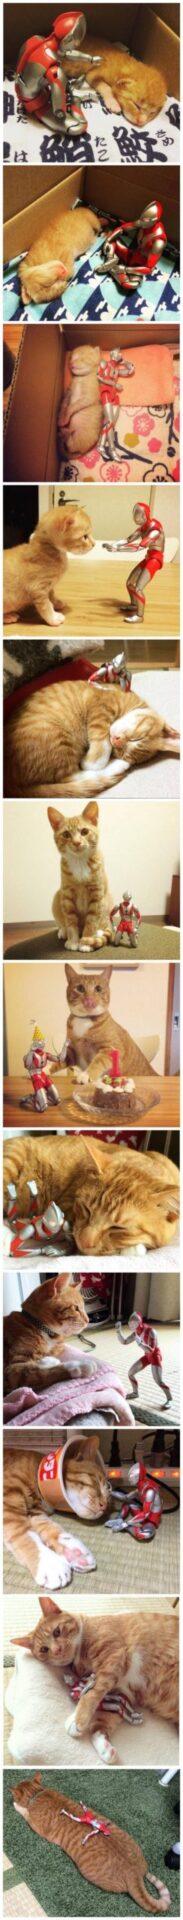 【ウルトラマンに育てられた!】猫の成長を写真に収めた結果